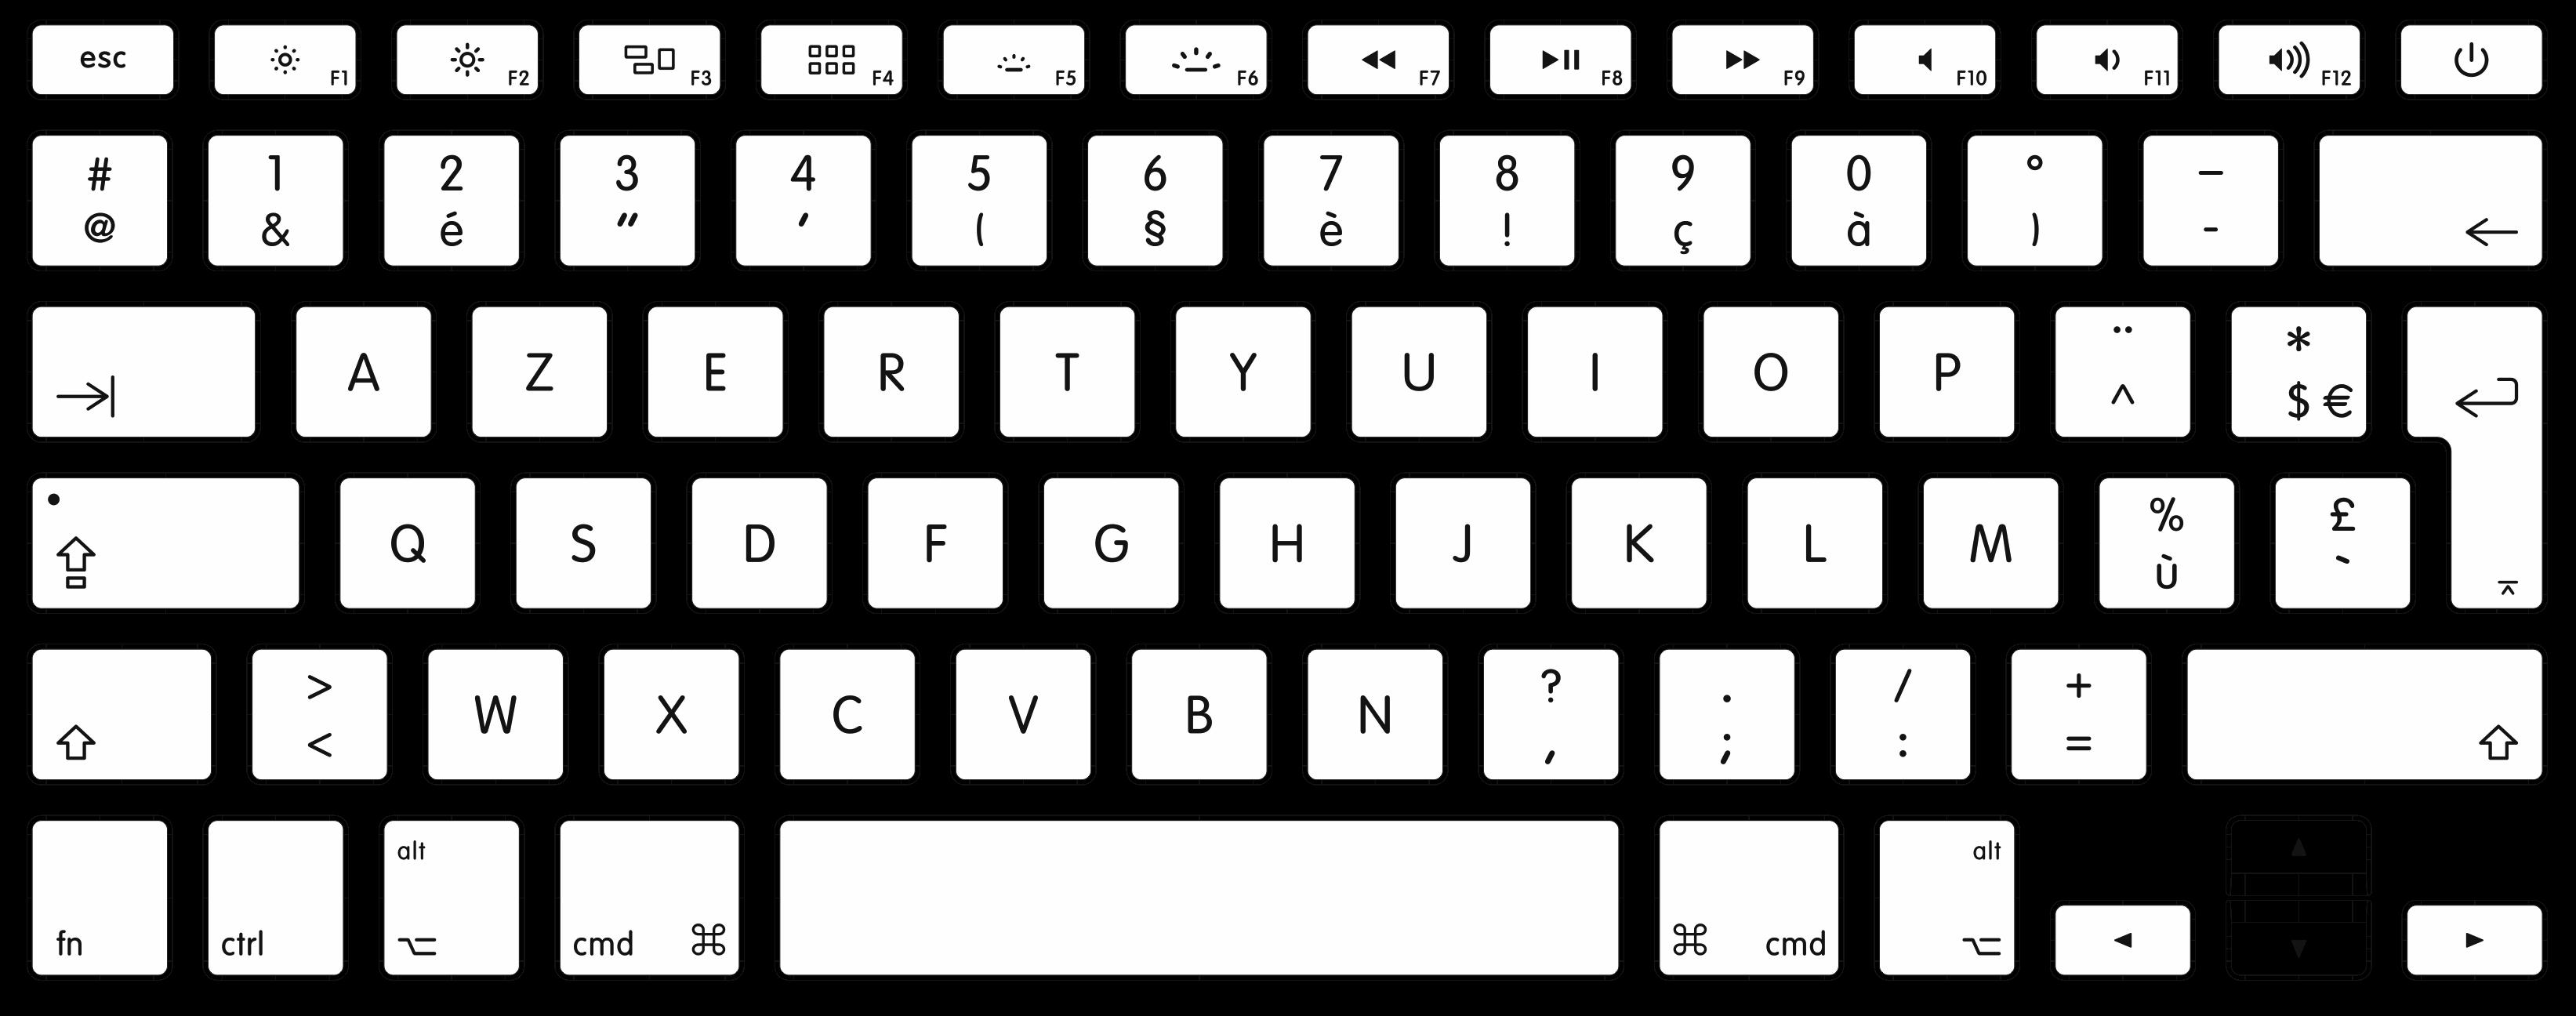 Cómo identificar distribuciones de teclado - Soporte técnico de Apple